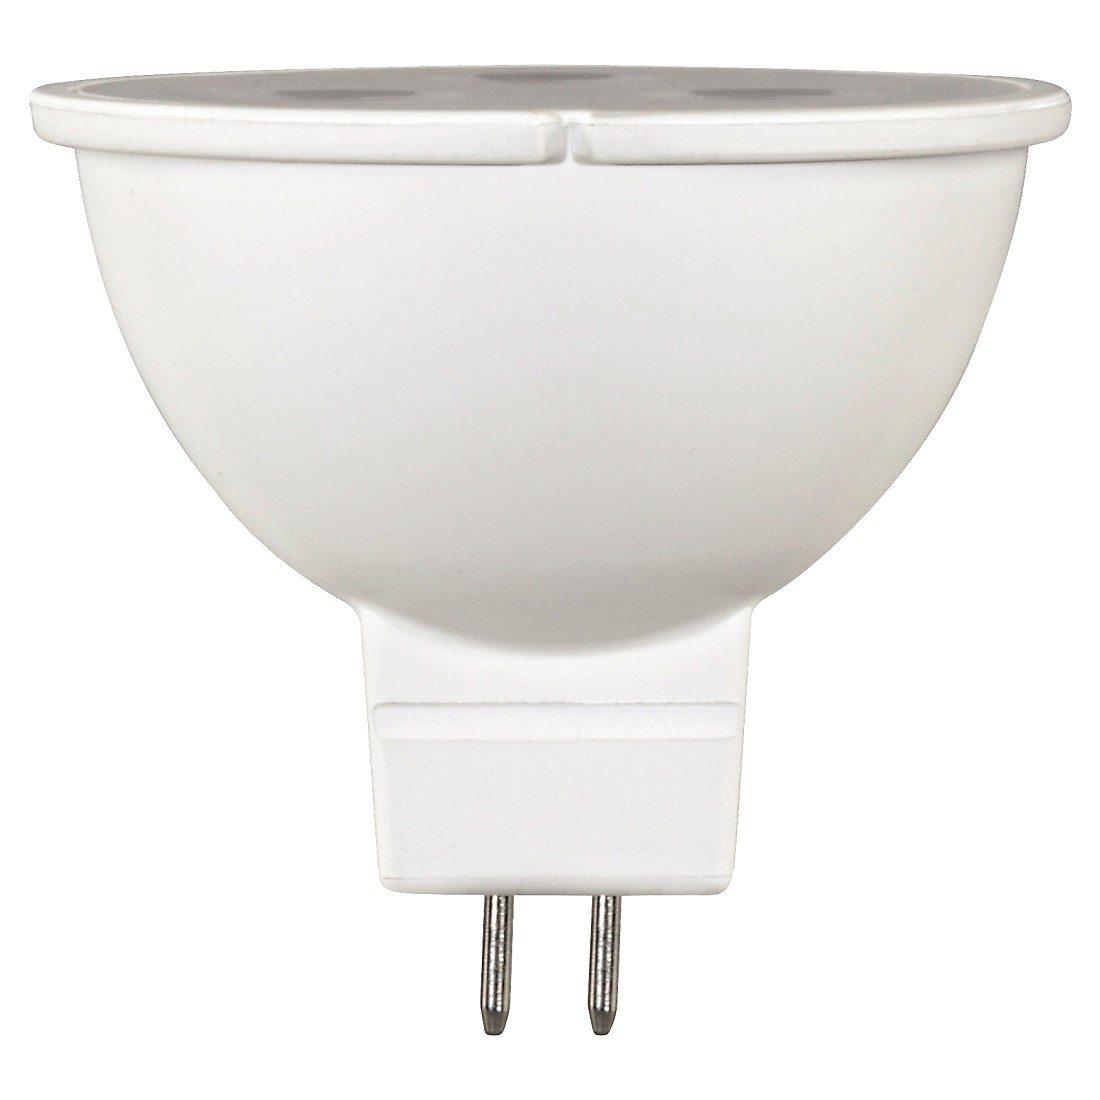 Xavax LED-Reflektorlampe, 4,8W, GU5,3, MR16, Warmweiß